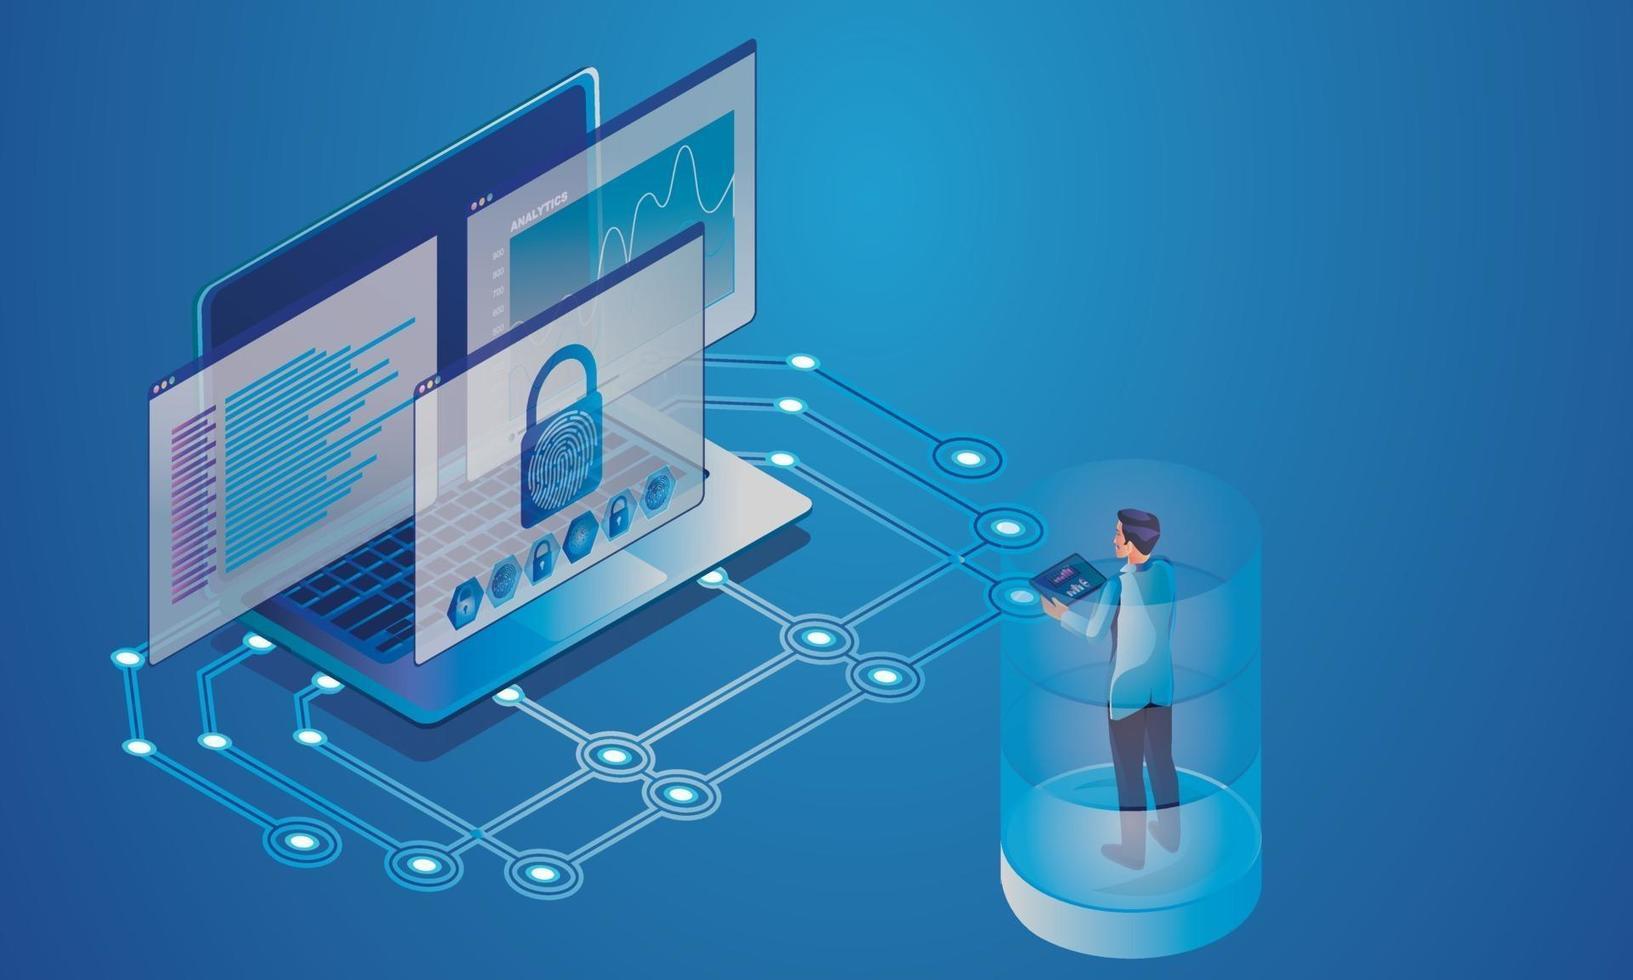 programador de computador teste dispositivo digital de sala de servidor de sistema de segurança, comunicação de armazenamento em nuvem com os dispositivos on-line de rede em um banco de dados em serviços em nuvem, conceito isométrico de vetor de tecnologia